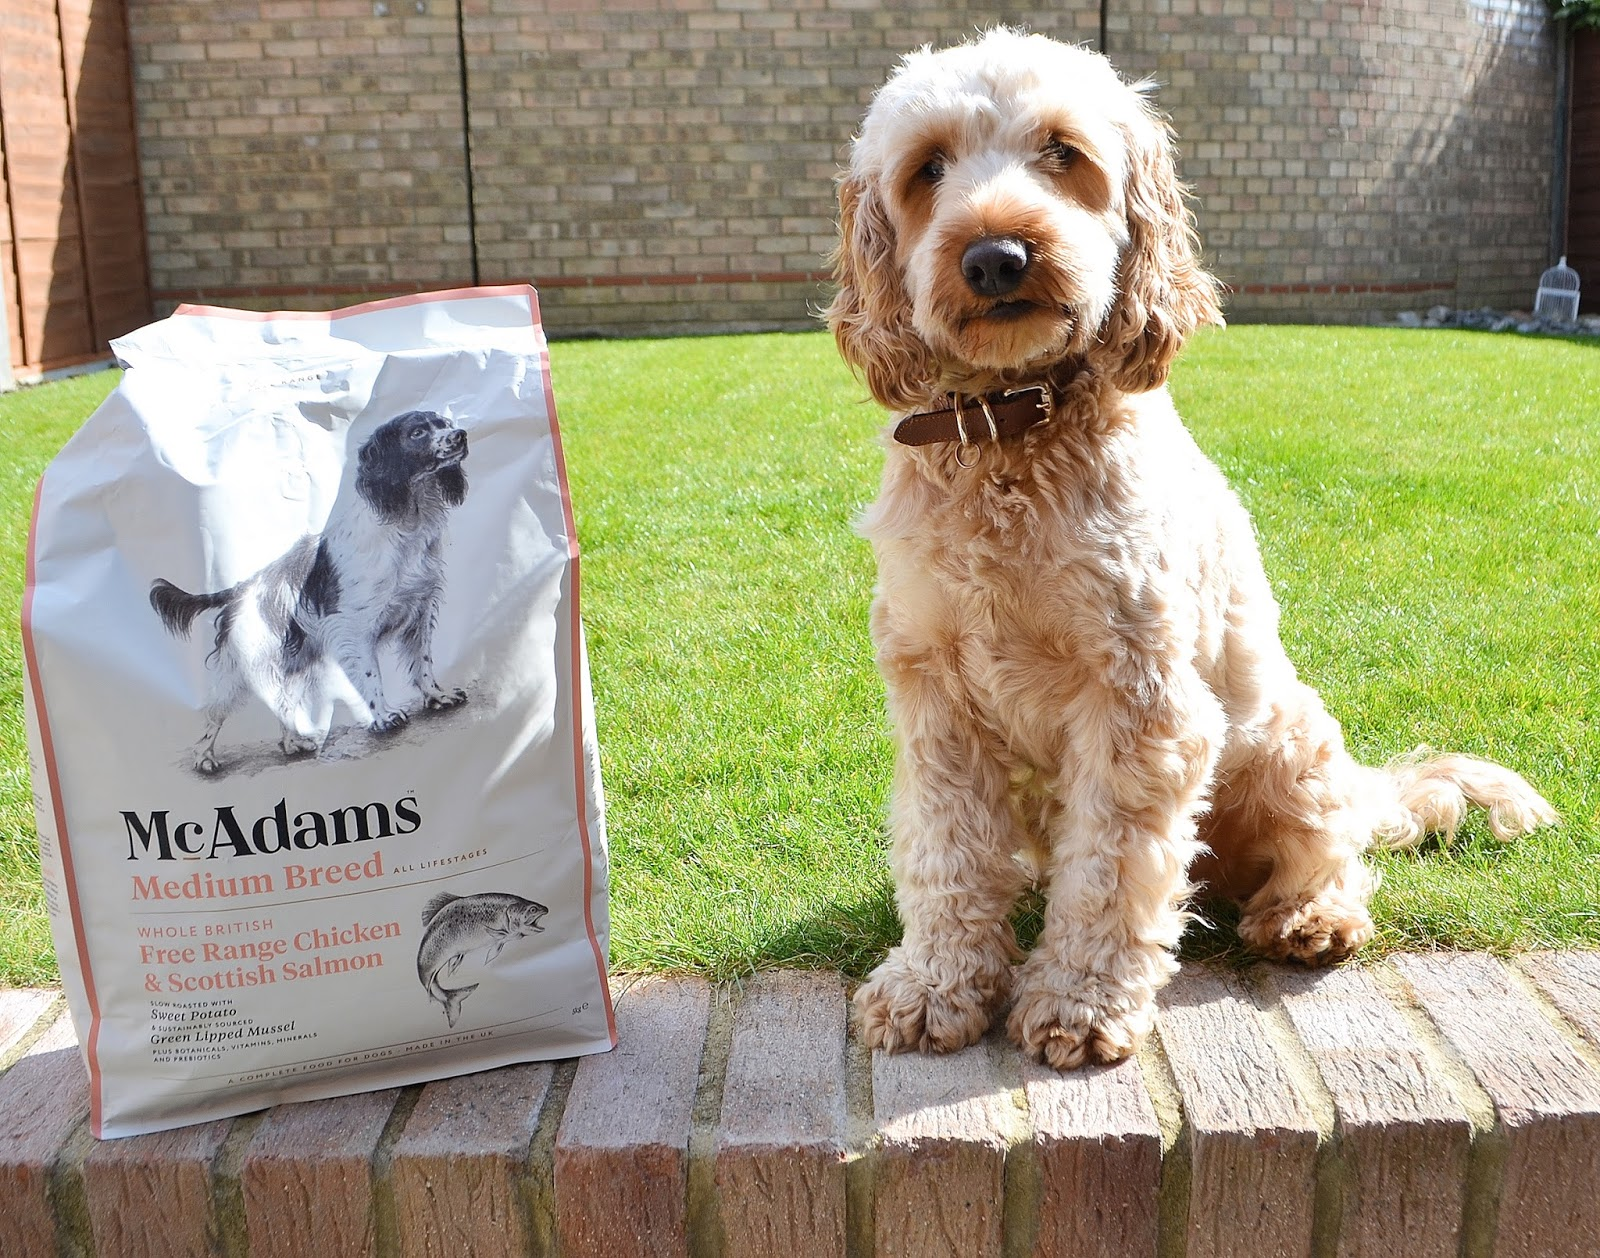 Is Mcadams Dog Food Good